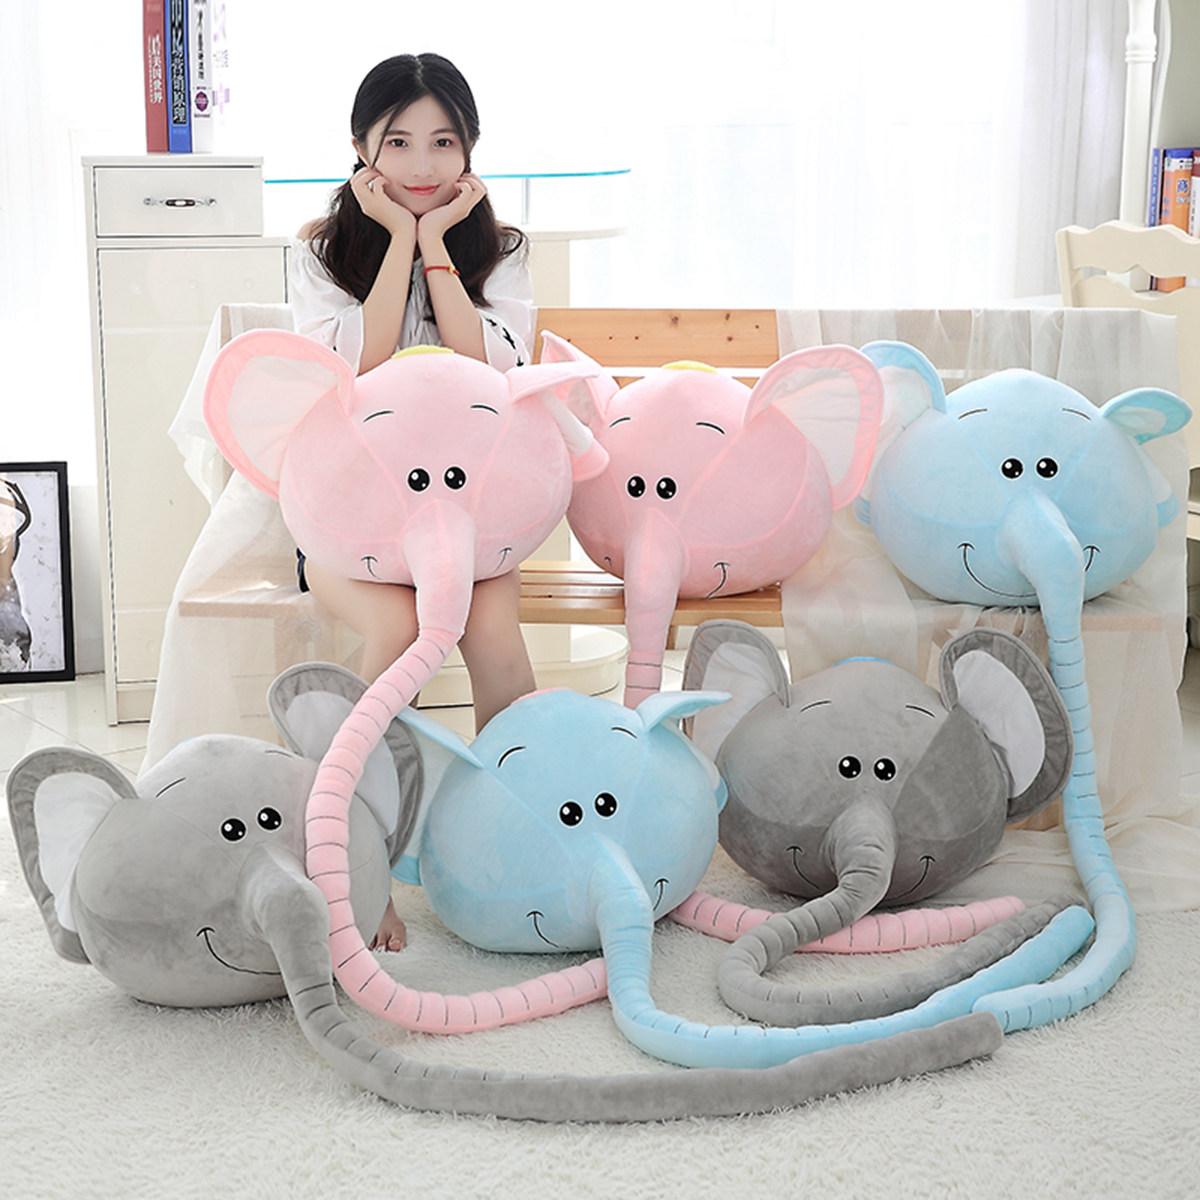 公仔靠垫抱枕卡通长鼻象大象小象 毛绒玩具丑萌娃娃睡觉枕头沙发